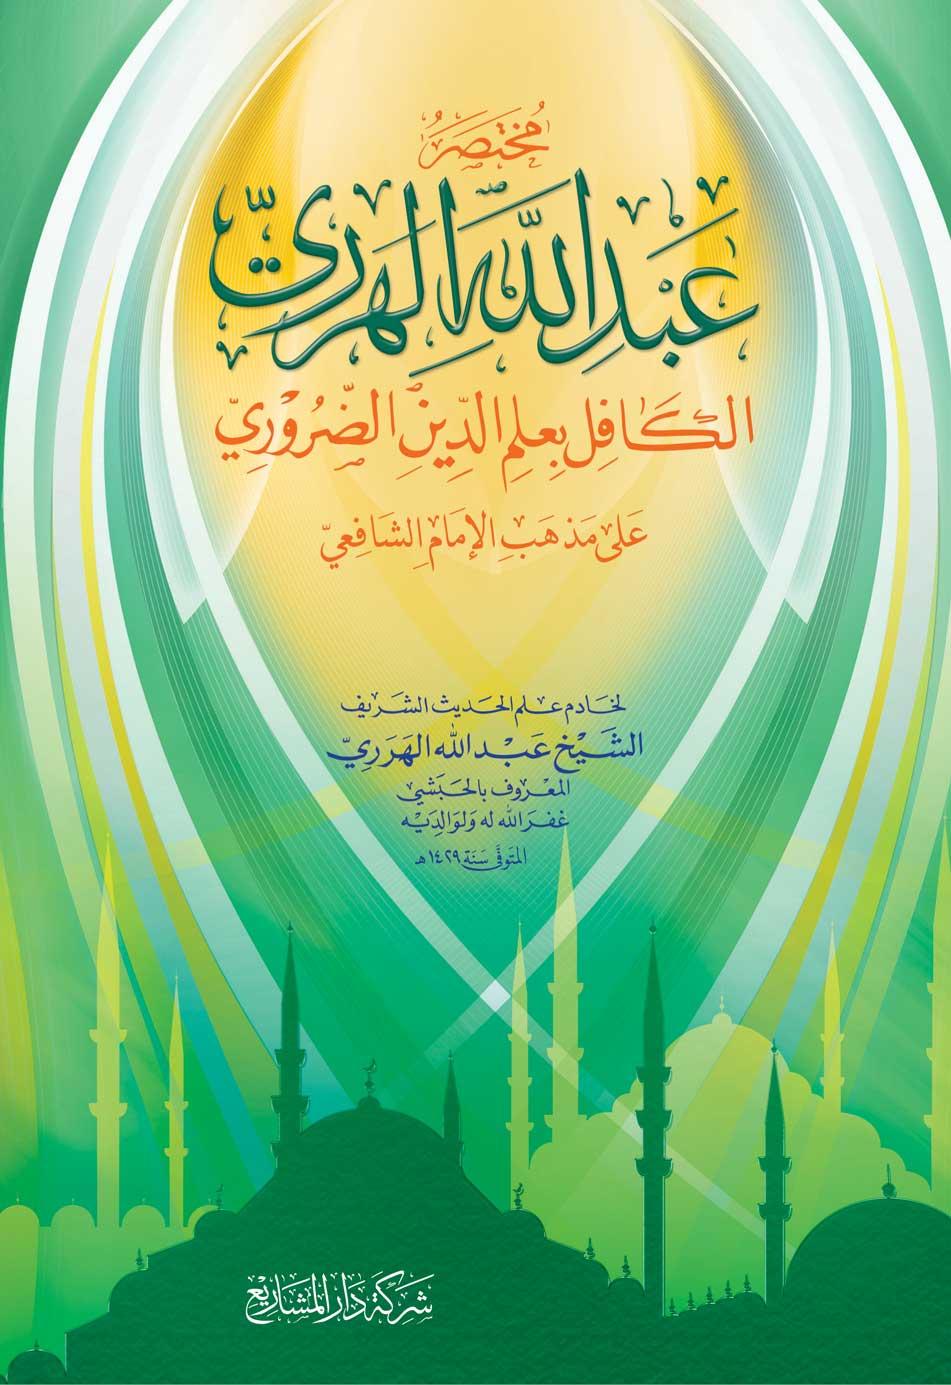 مختصر عبد الله الهرري على مذهب الإمام الشافعي